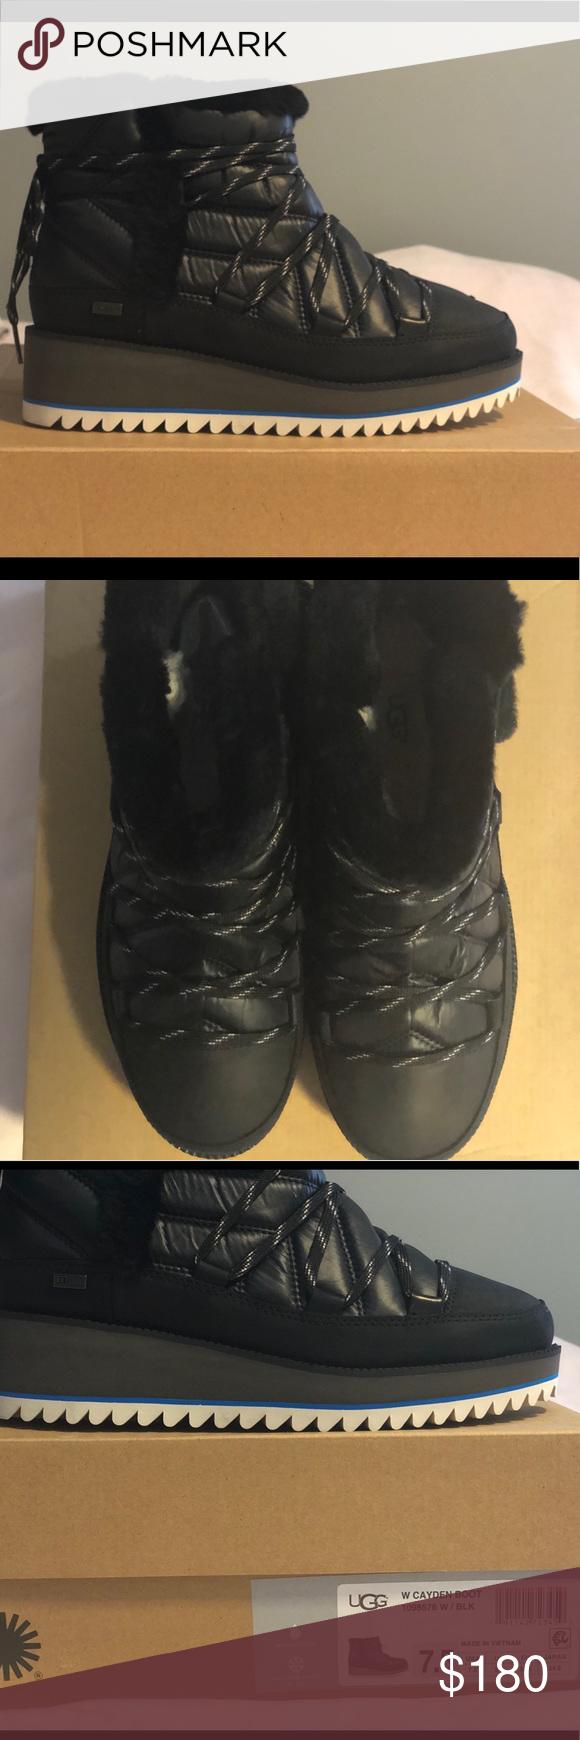 UGG Cayden Waterproof Winter Boots in